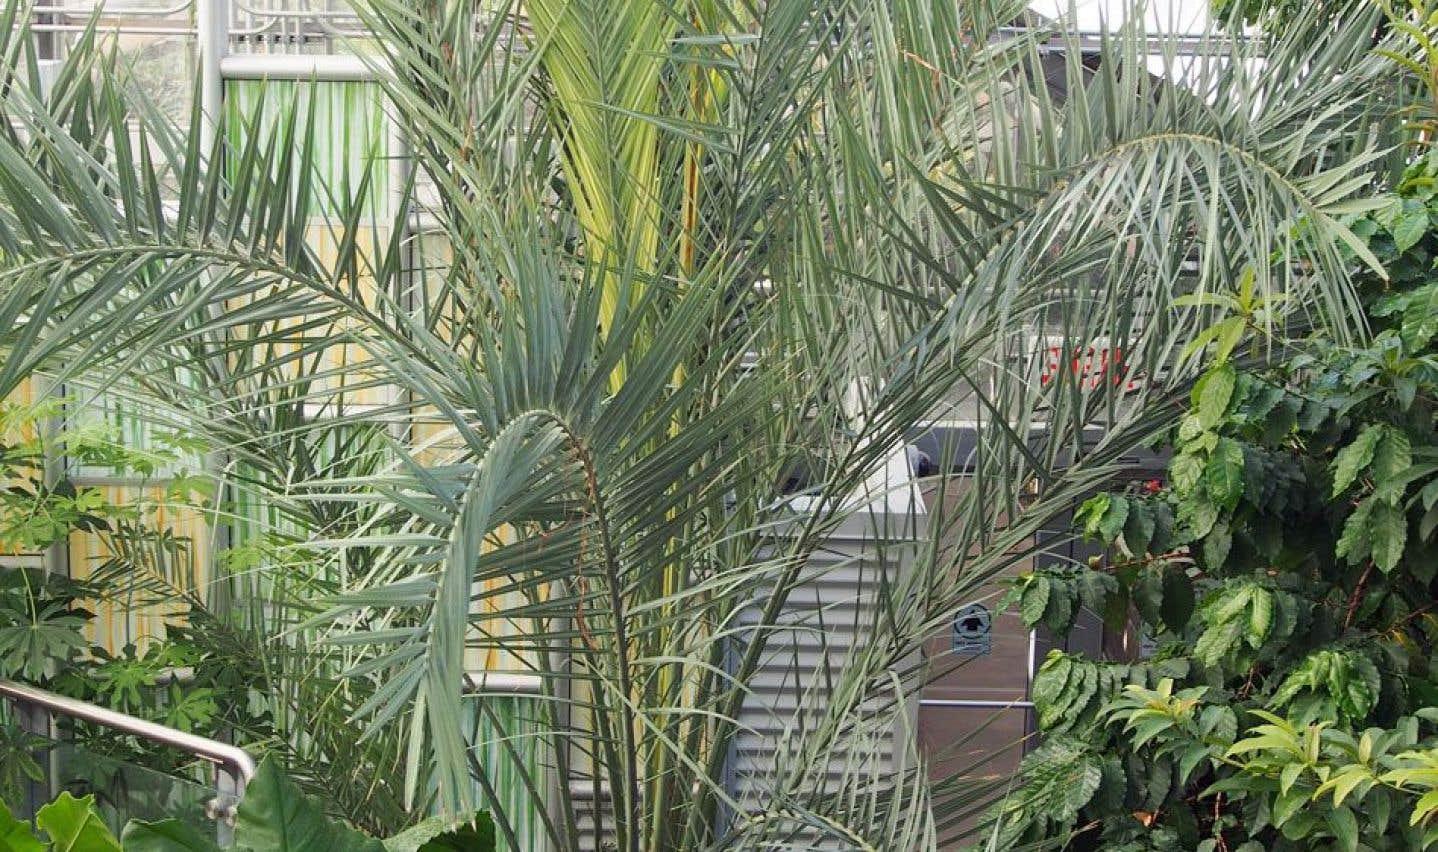 Un dattier mature, dans une serre. Planté en terre, le noyau de datte forme de longues feuilles linéaires, puis, après quelques années, le tronc se développe pour devenir un beau palmier.